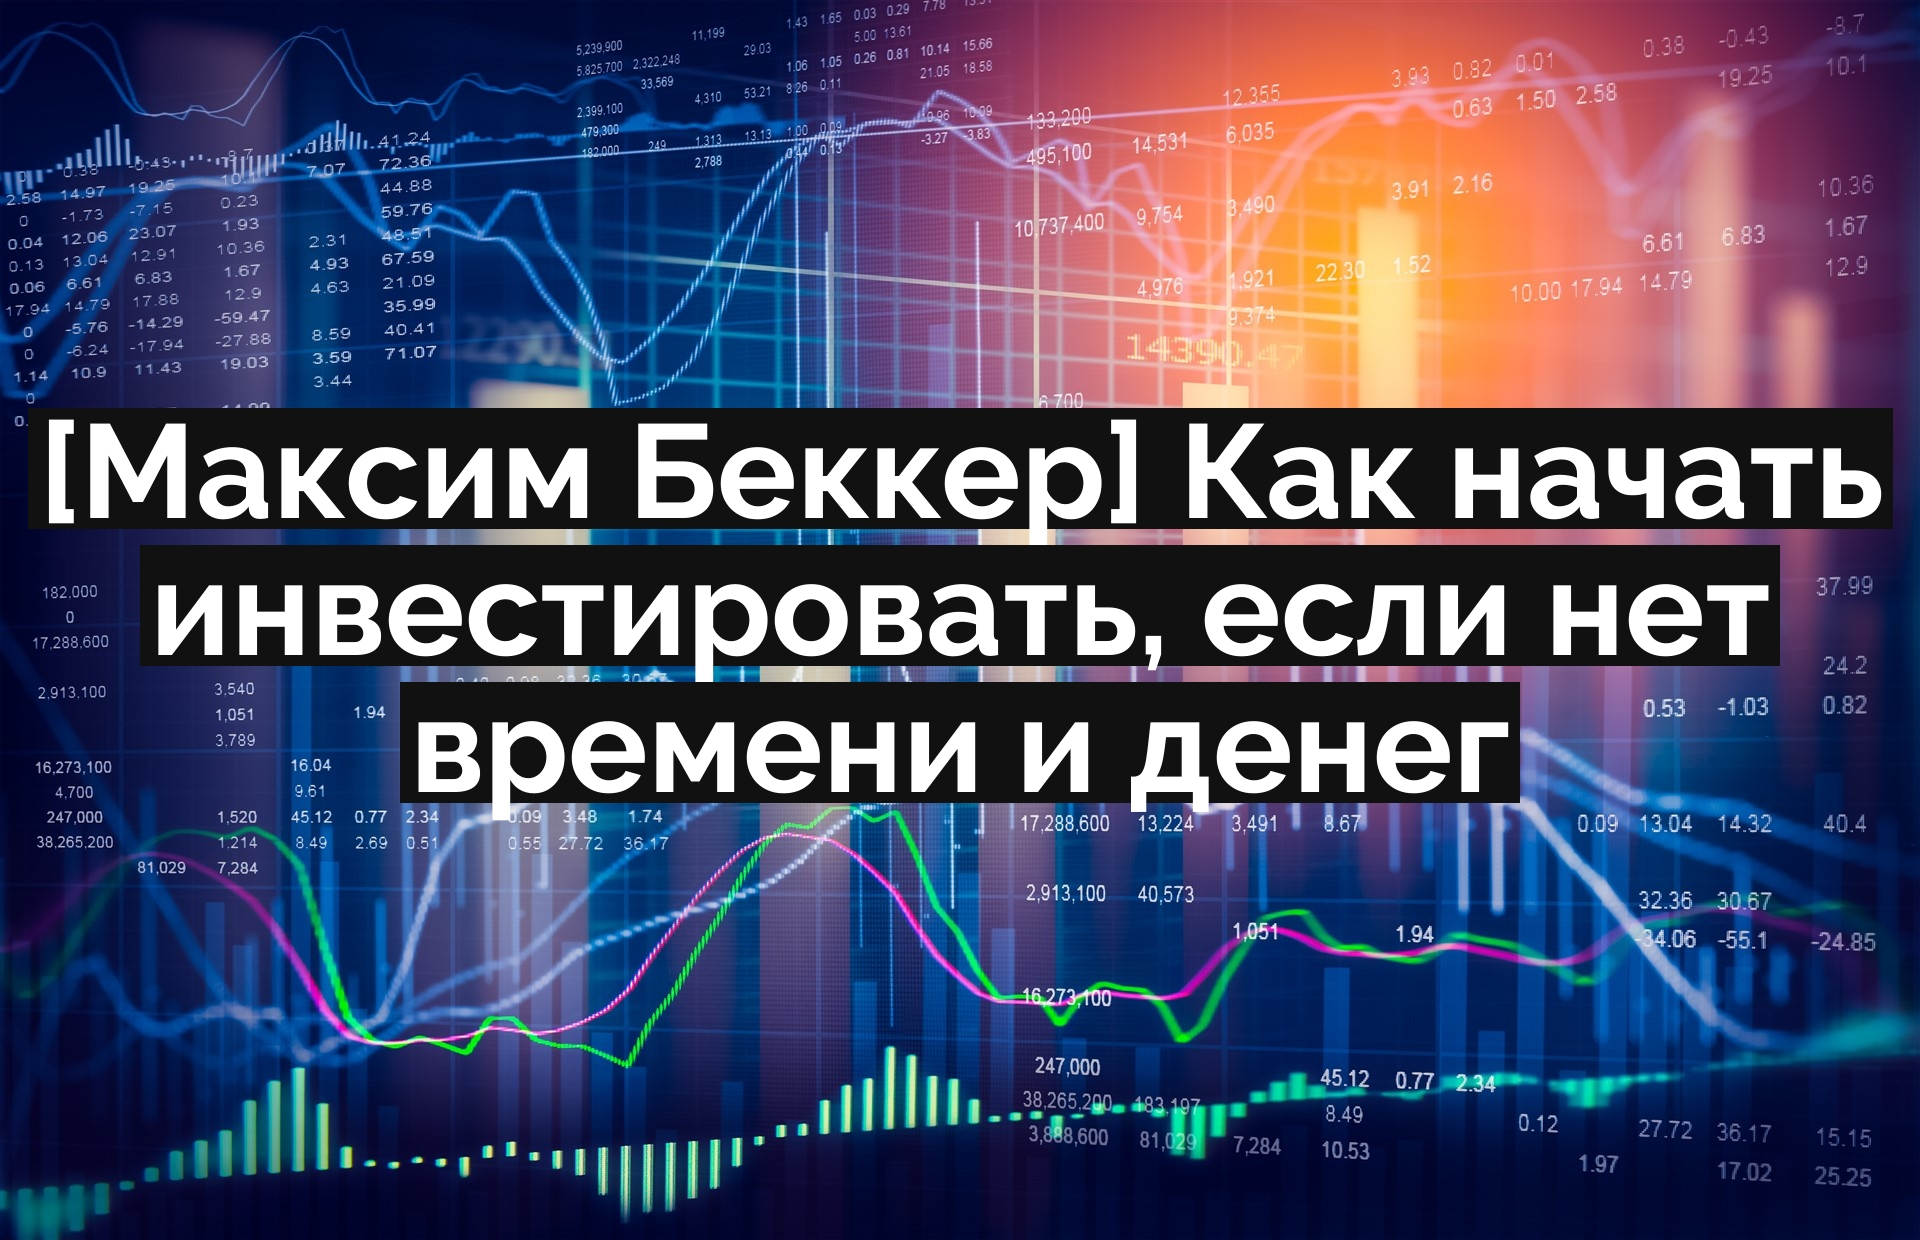 [Максим Беккер] Как начать инвестировать, если нет времени и денег